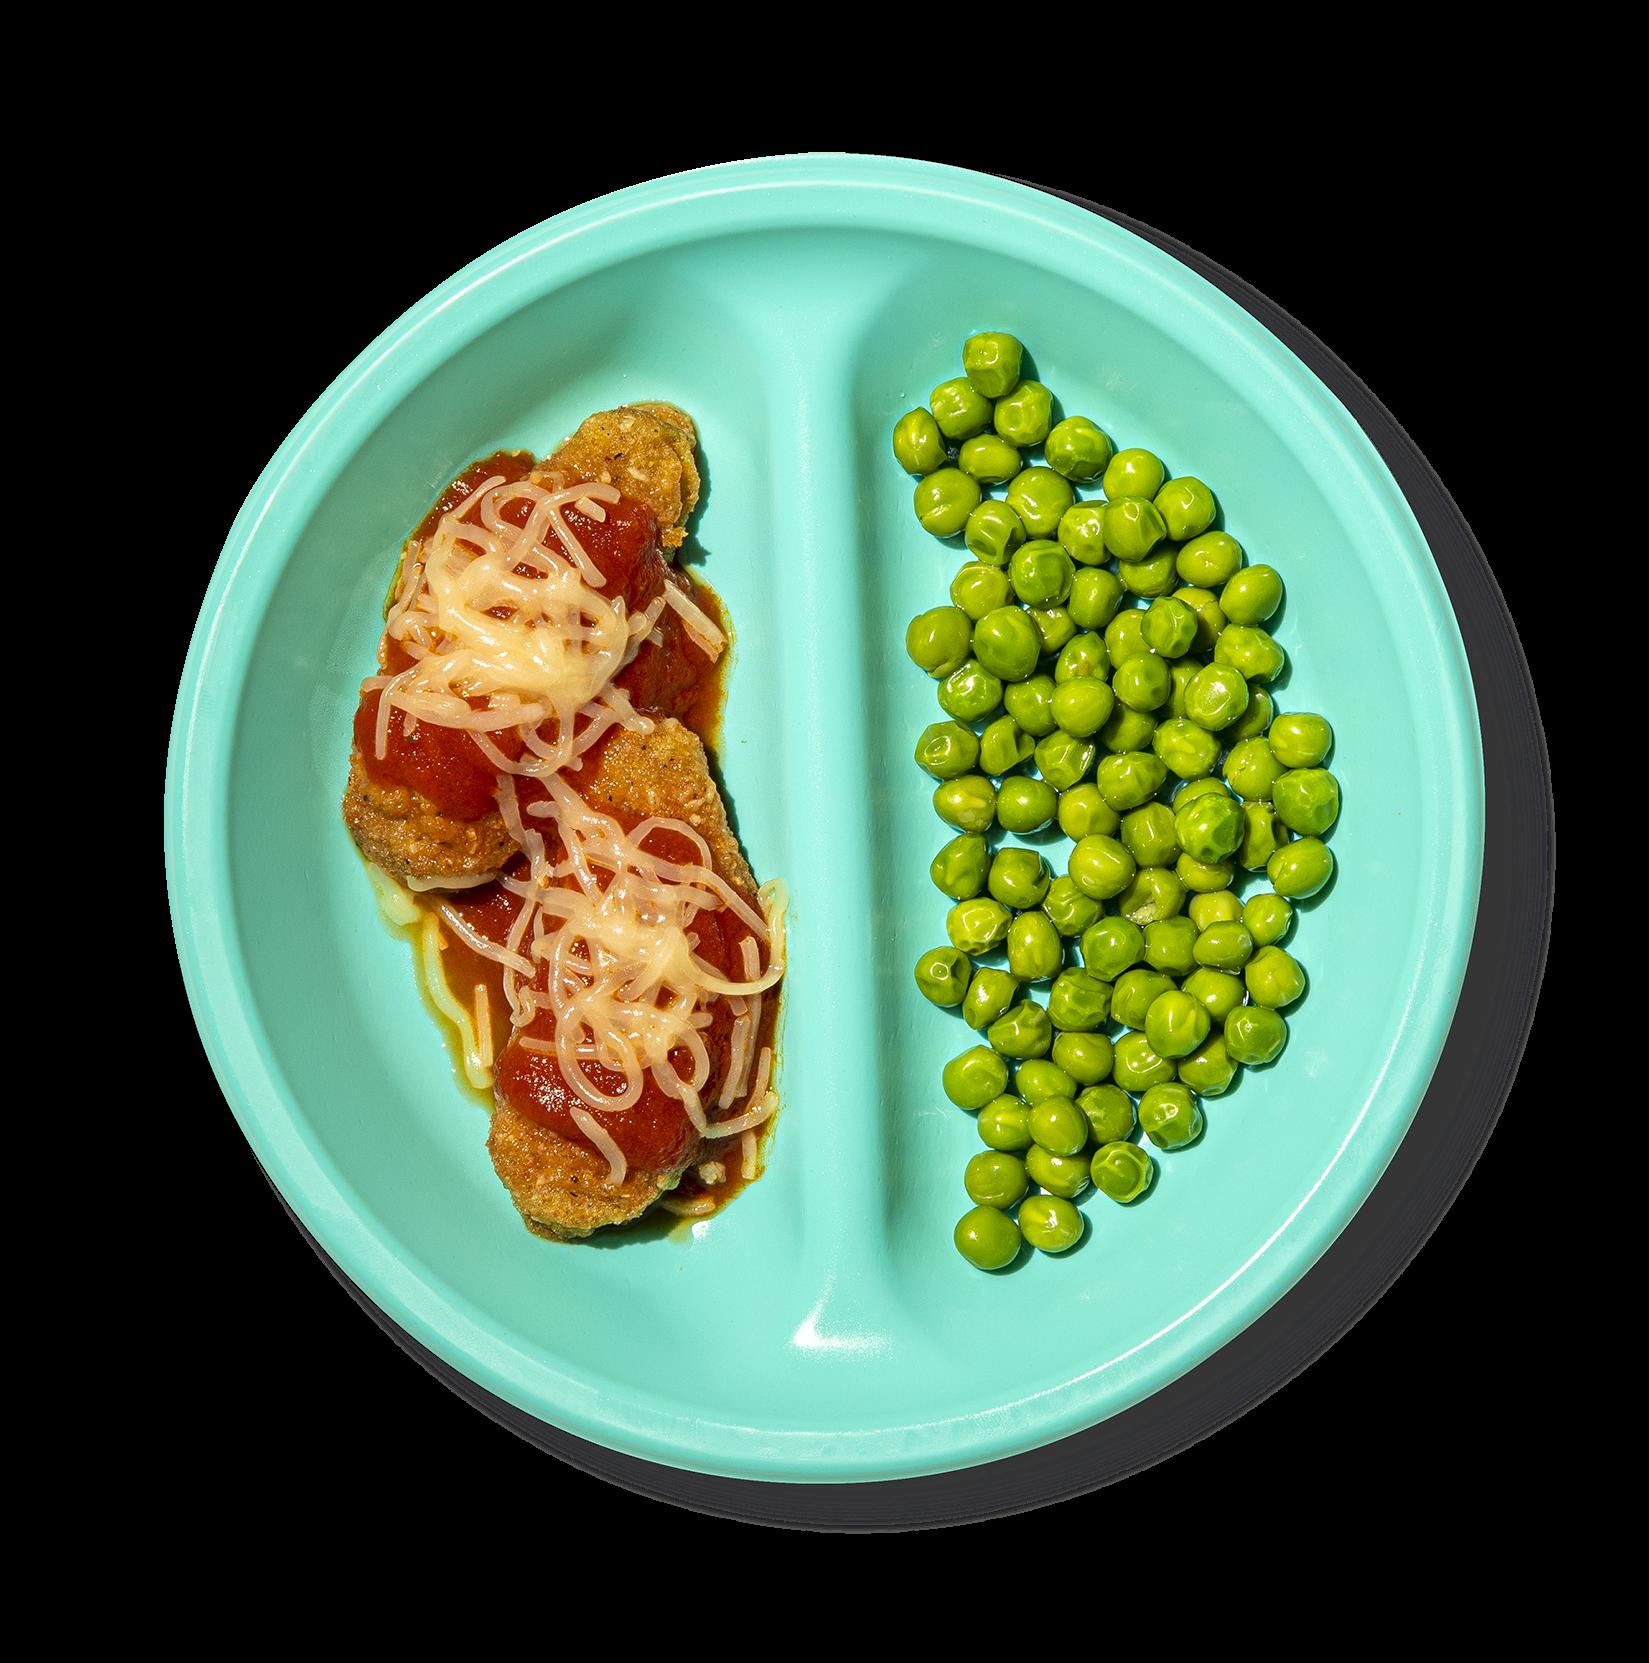 Plate of Veggie Tender Parm